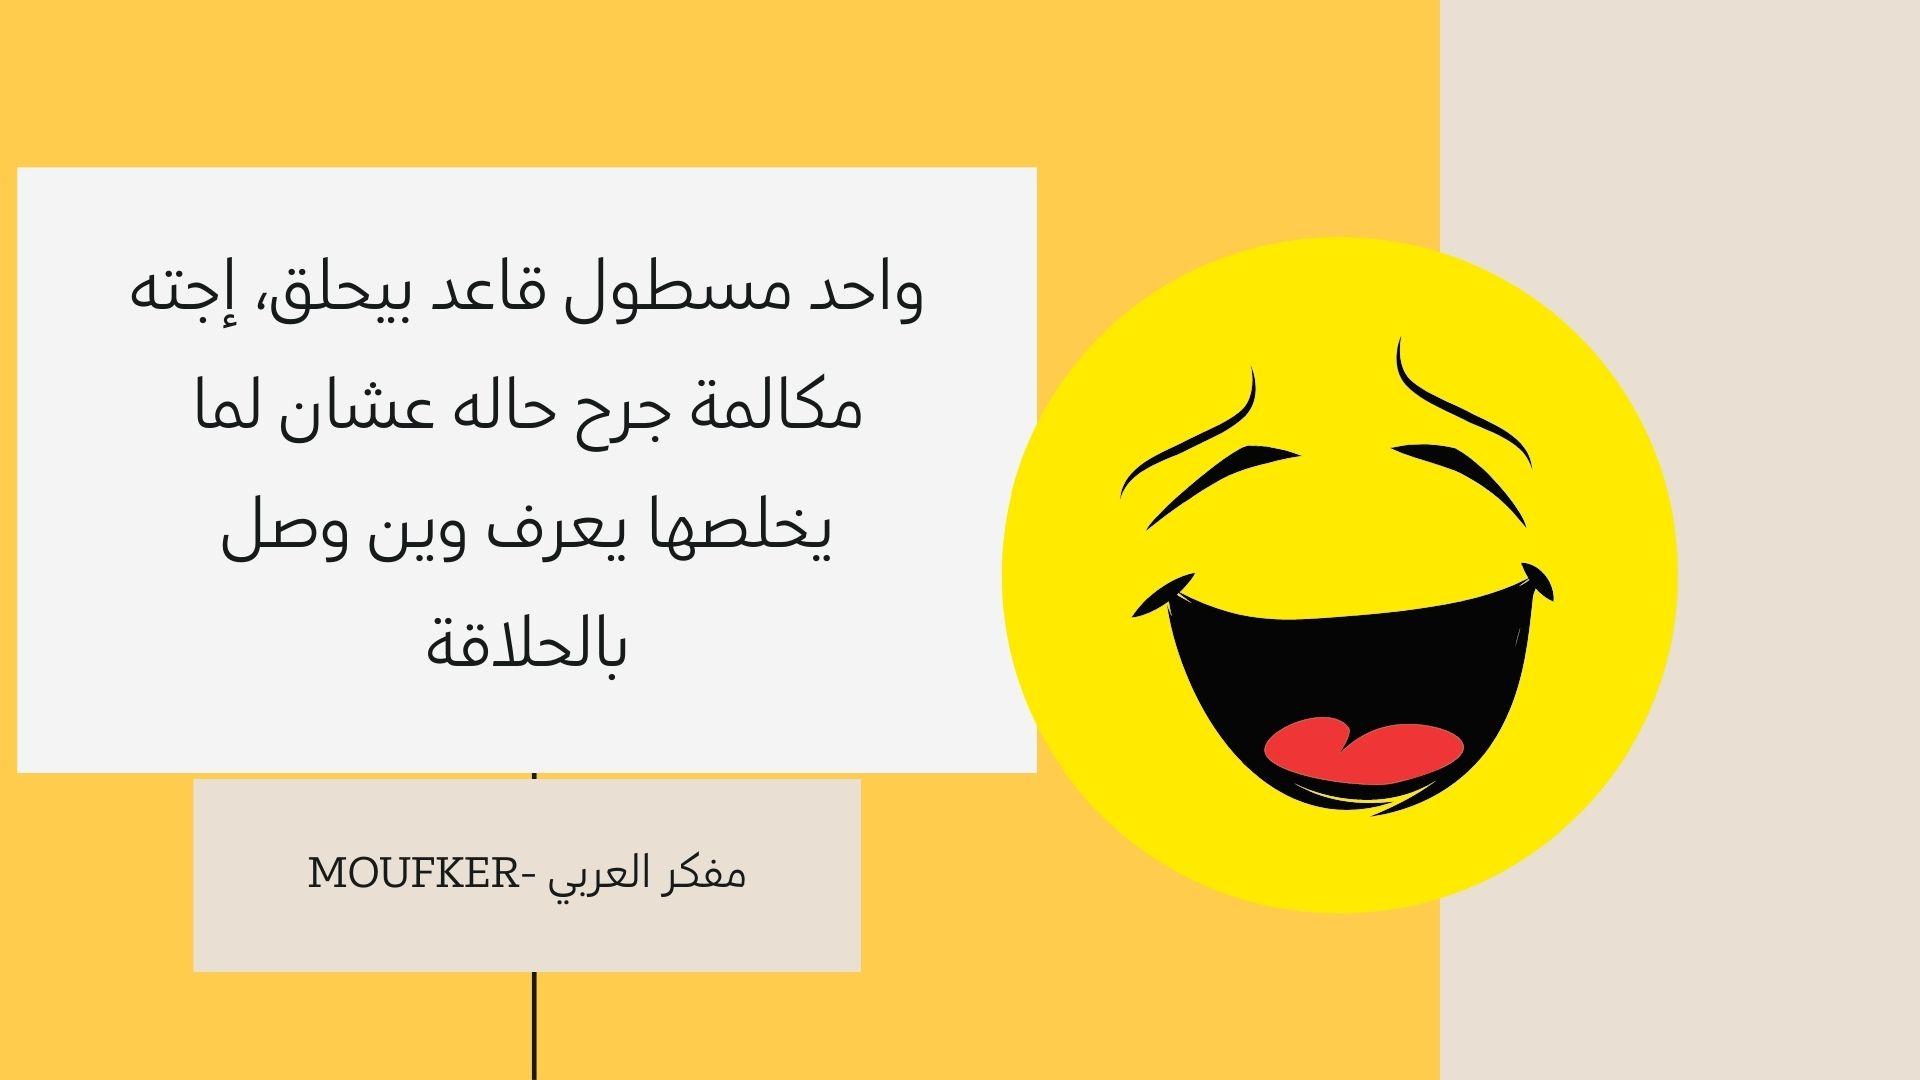 واحد مسطول قاعد بيحلق، إجته مكالمة جرح حاله عشان لما يخلصها يعرف وين وصل بالحلاقة